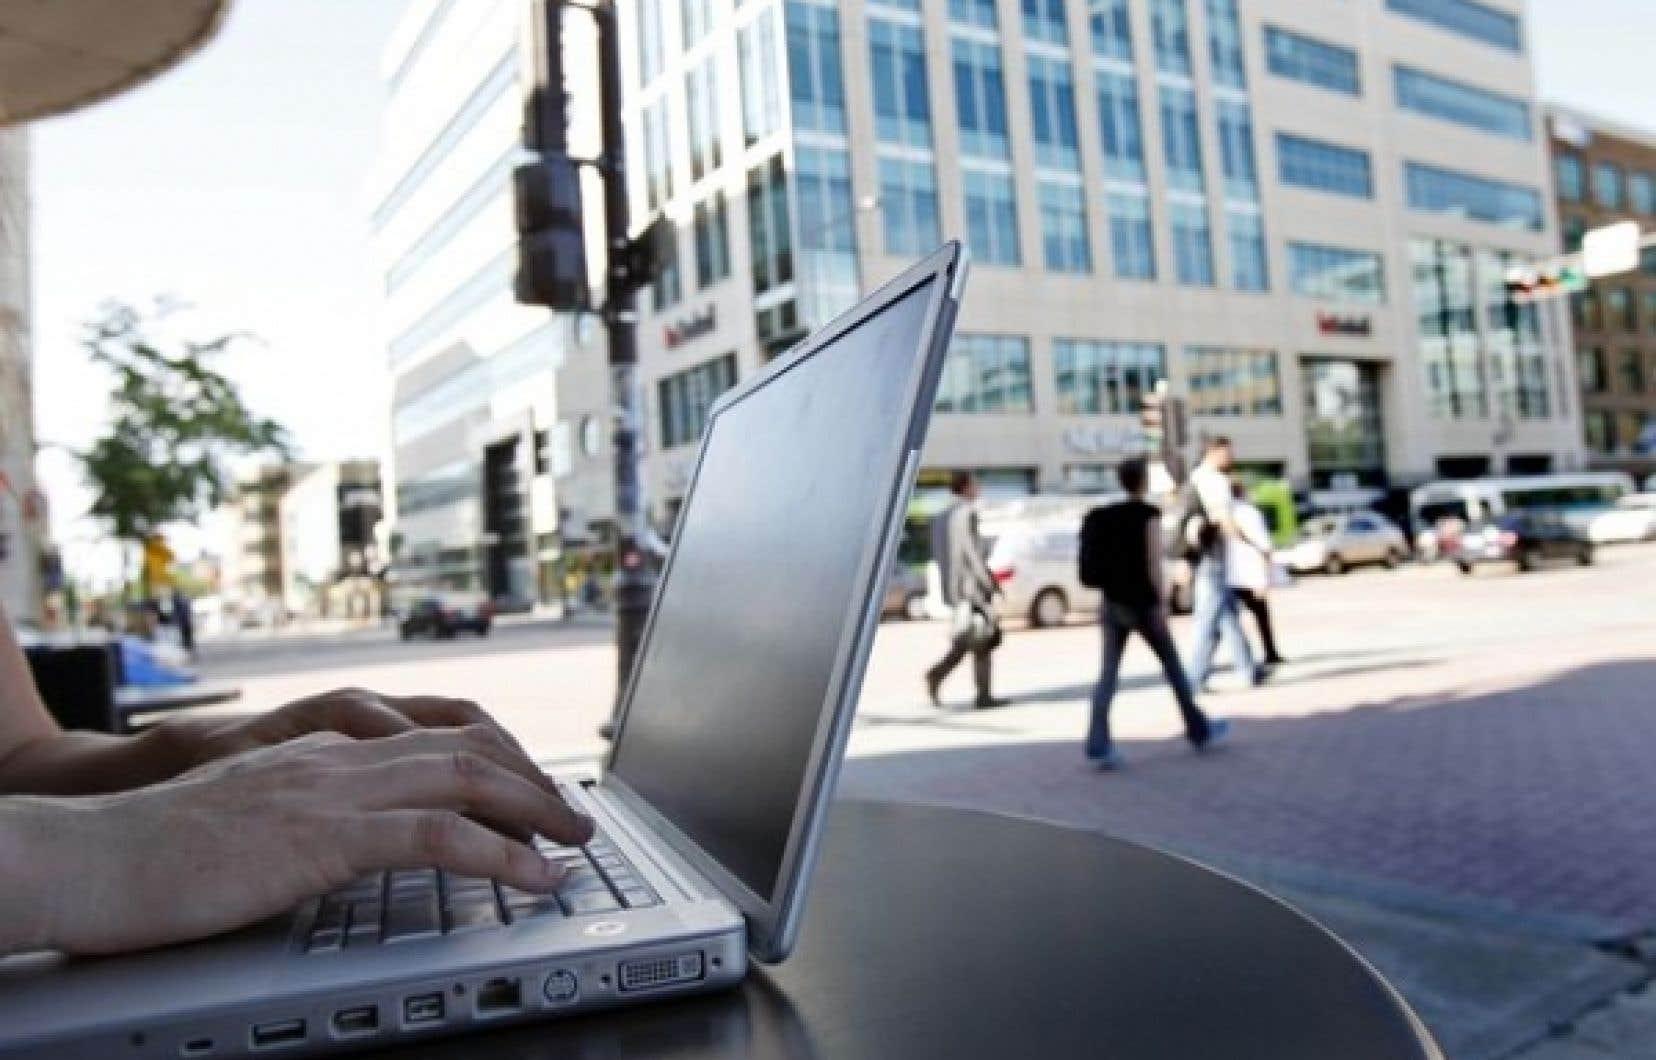 Le gouvernement affirme que l'objectif principal du projet de loi vise à protéger les enfants des criminels qui les traquent sur Internet.